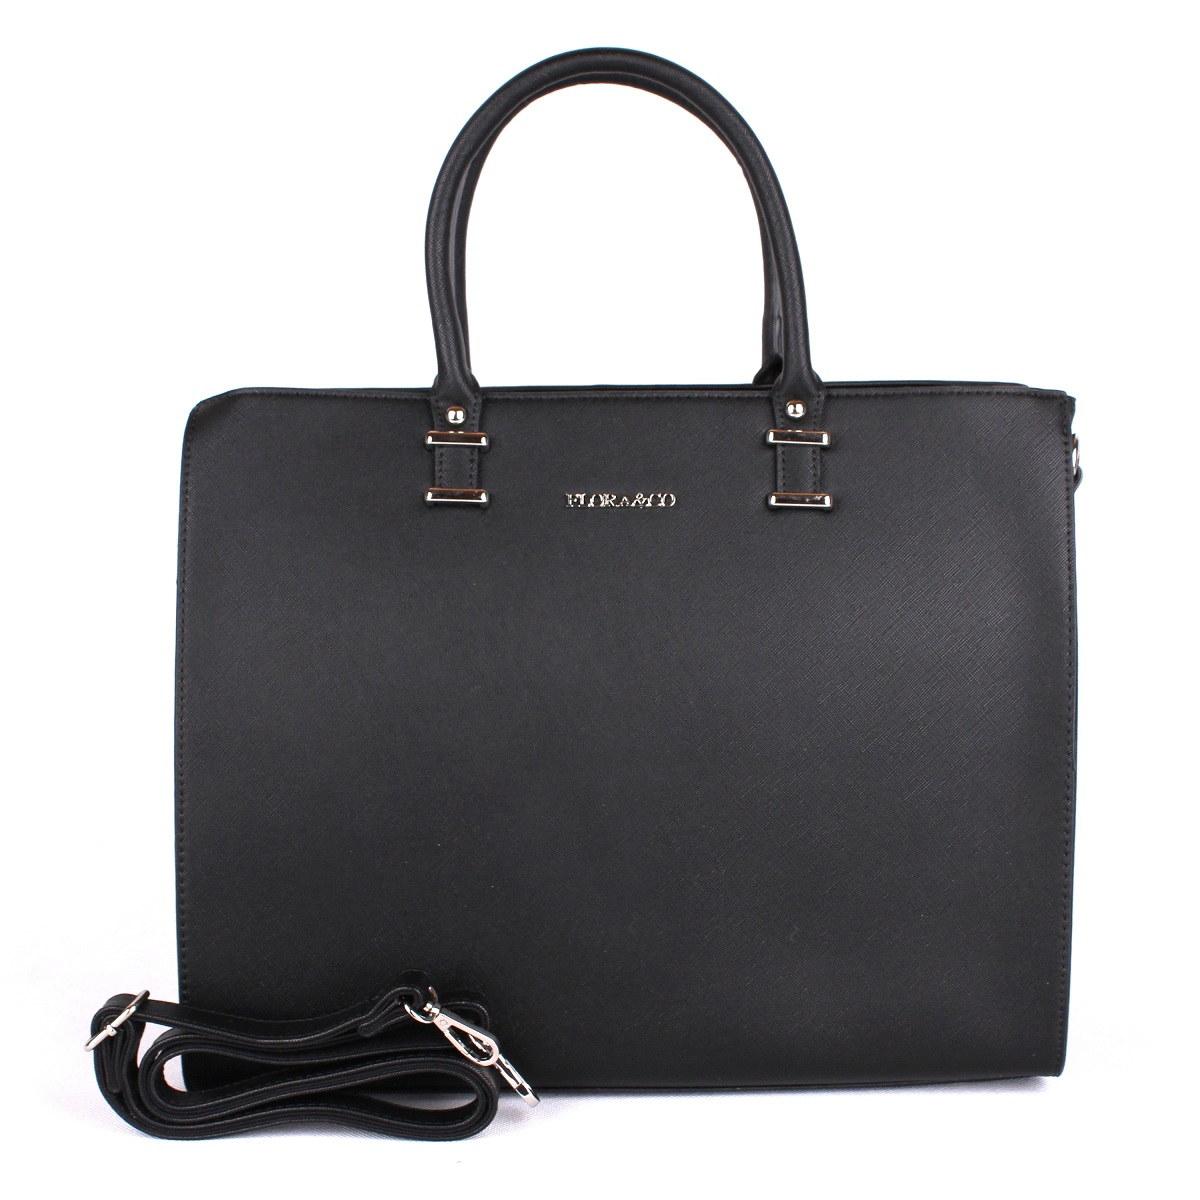 Elegantní kabelka FLORA&CO F9238 černá